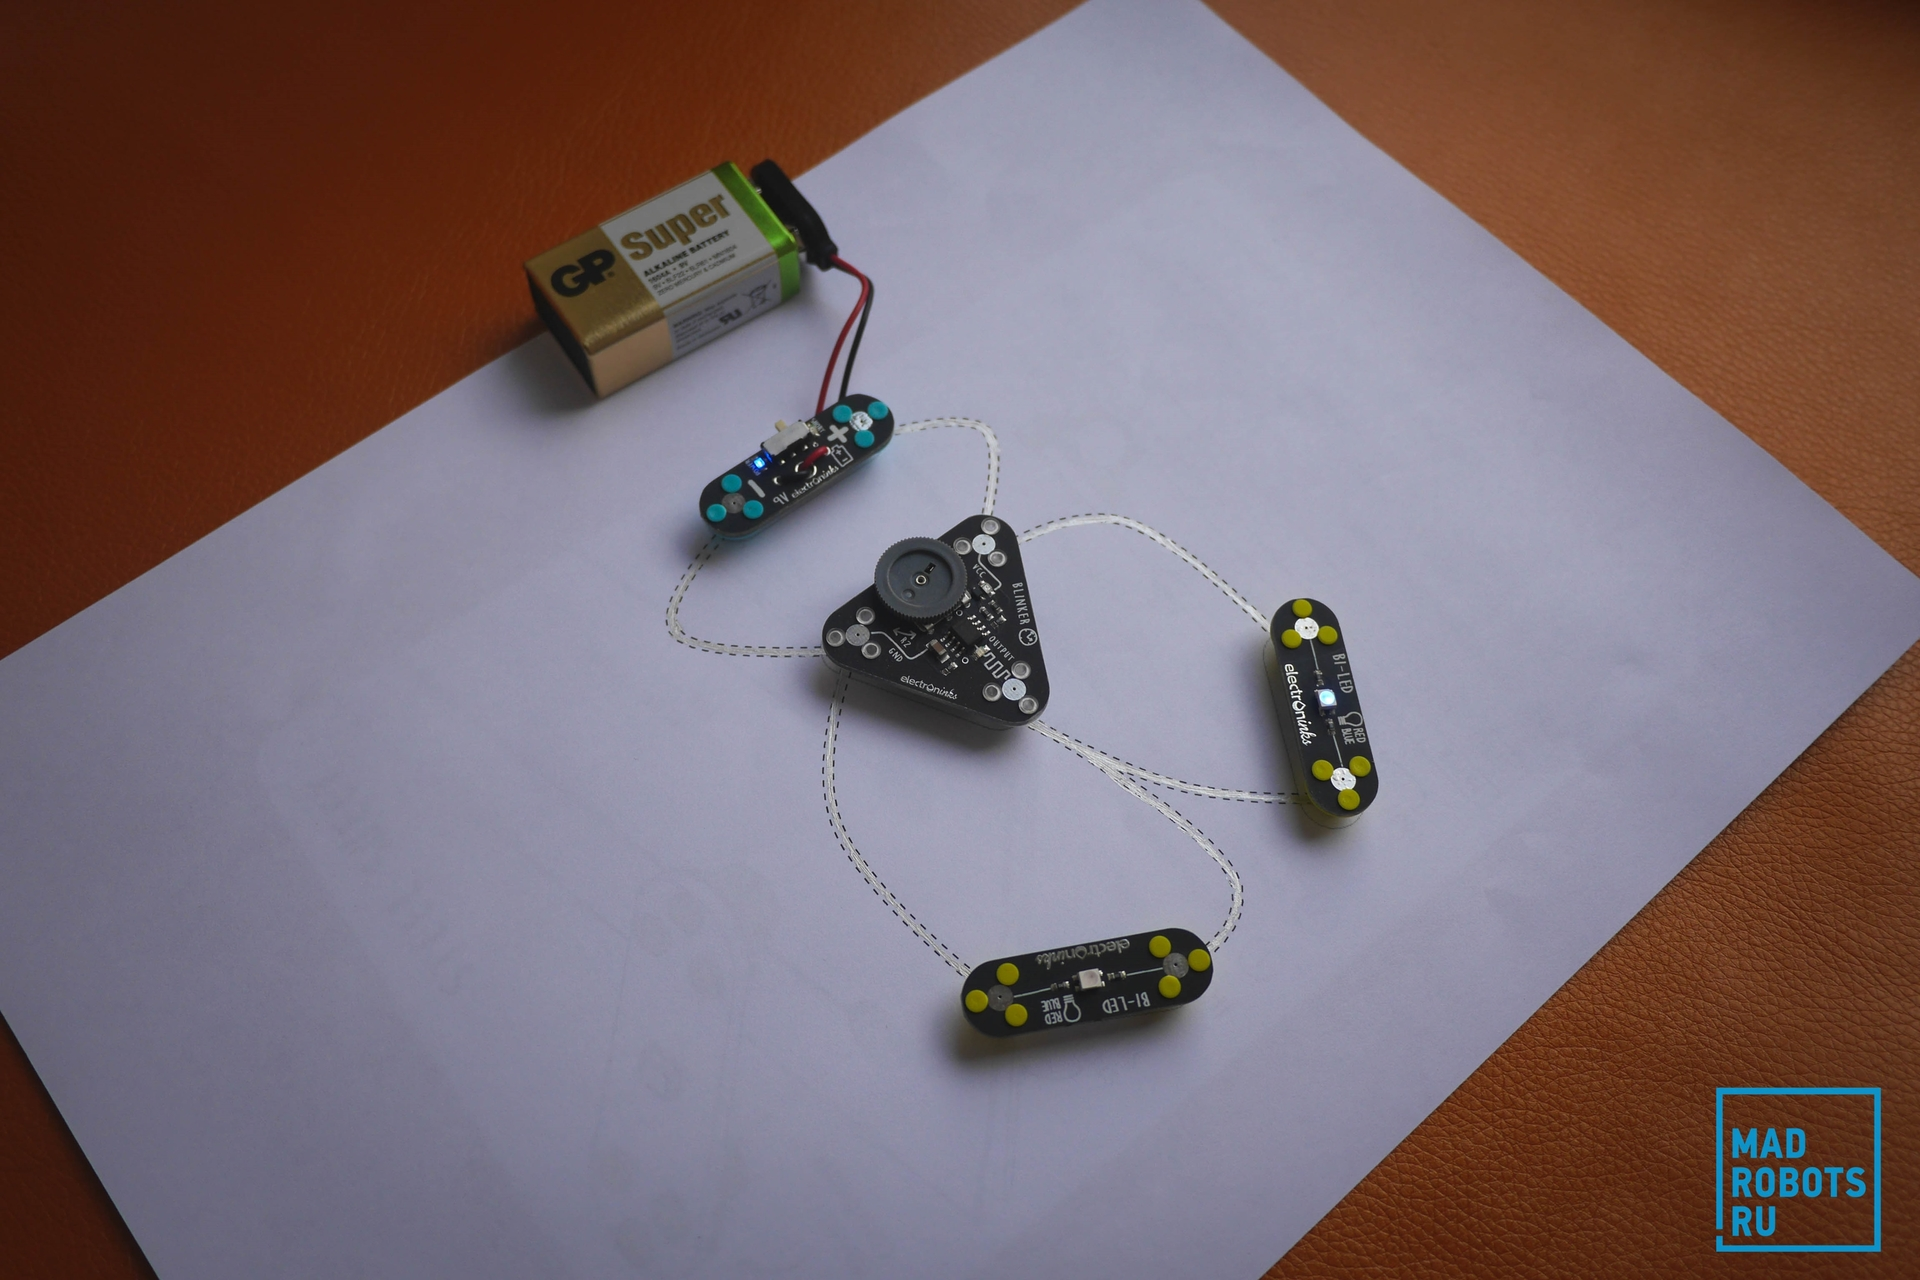 Обзор Circuit Scribe: рисуем электронные схемы без проводов и макетных плат - 21